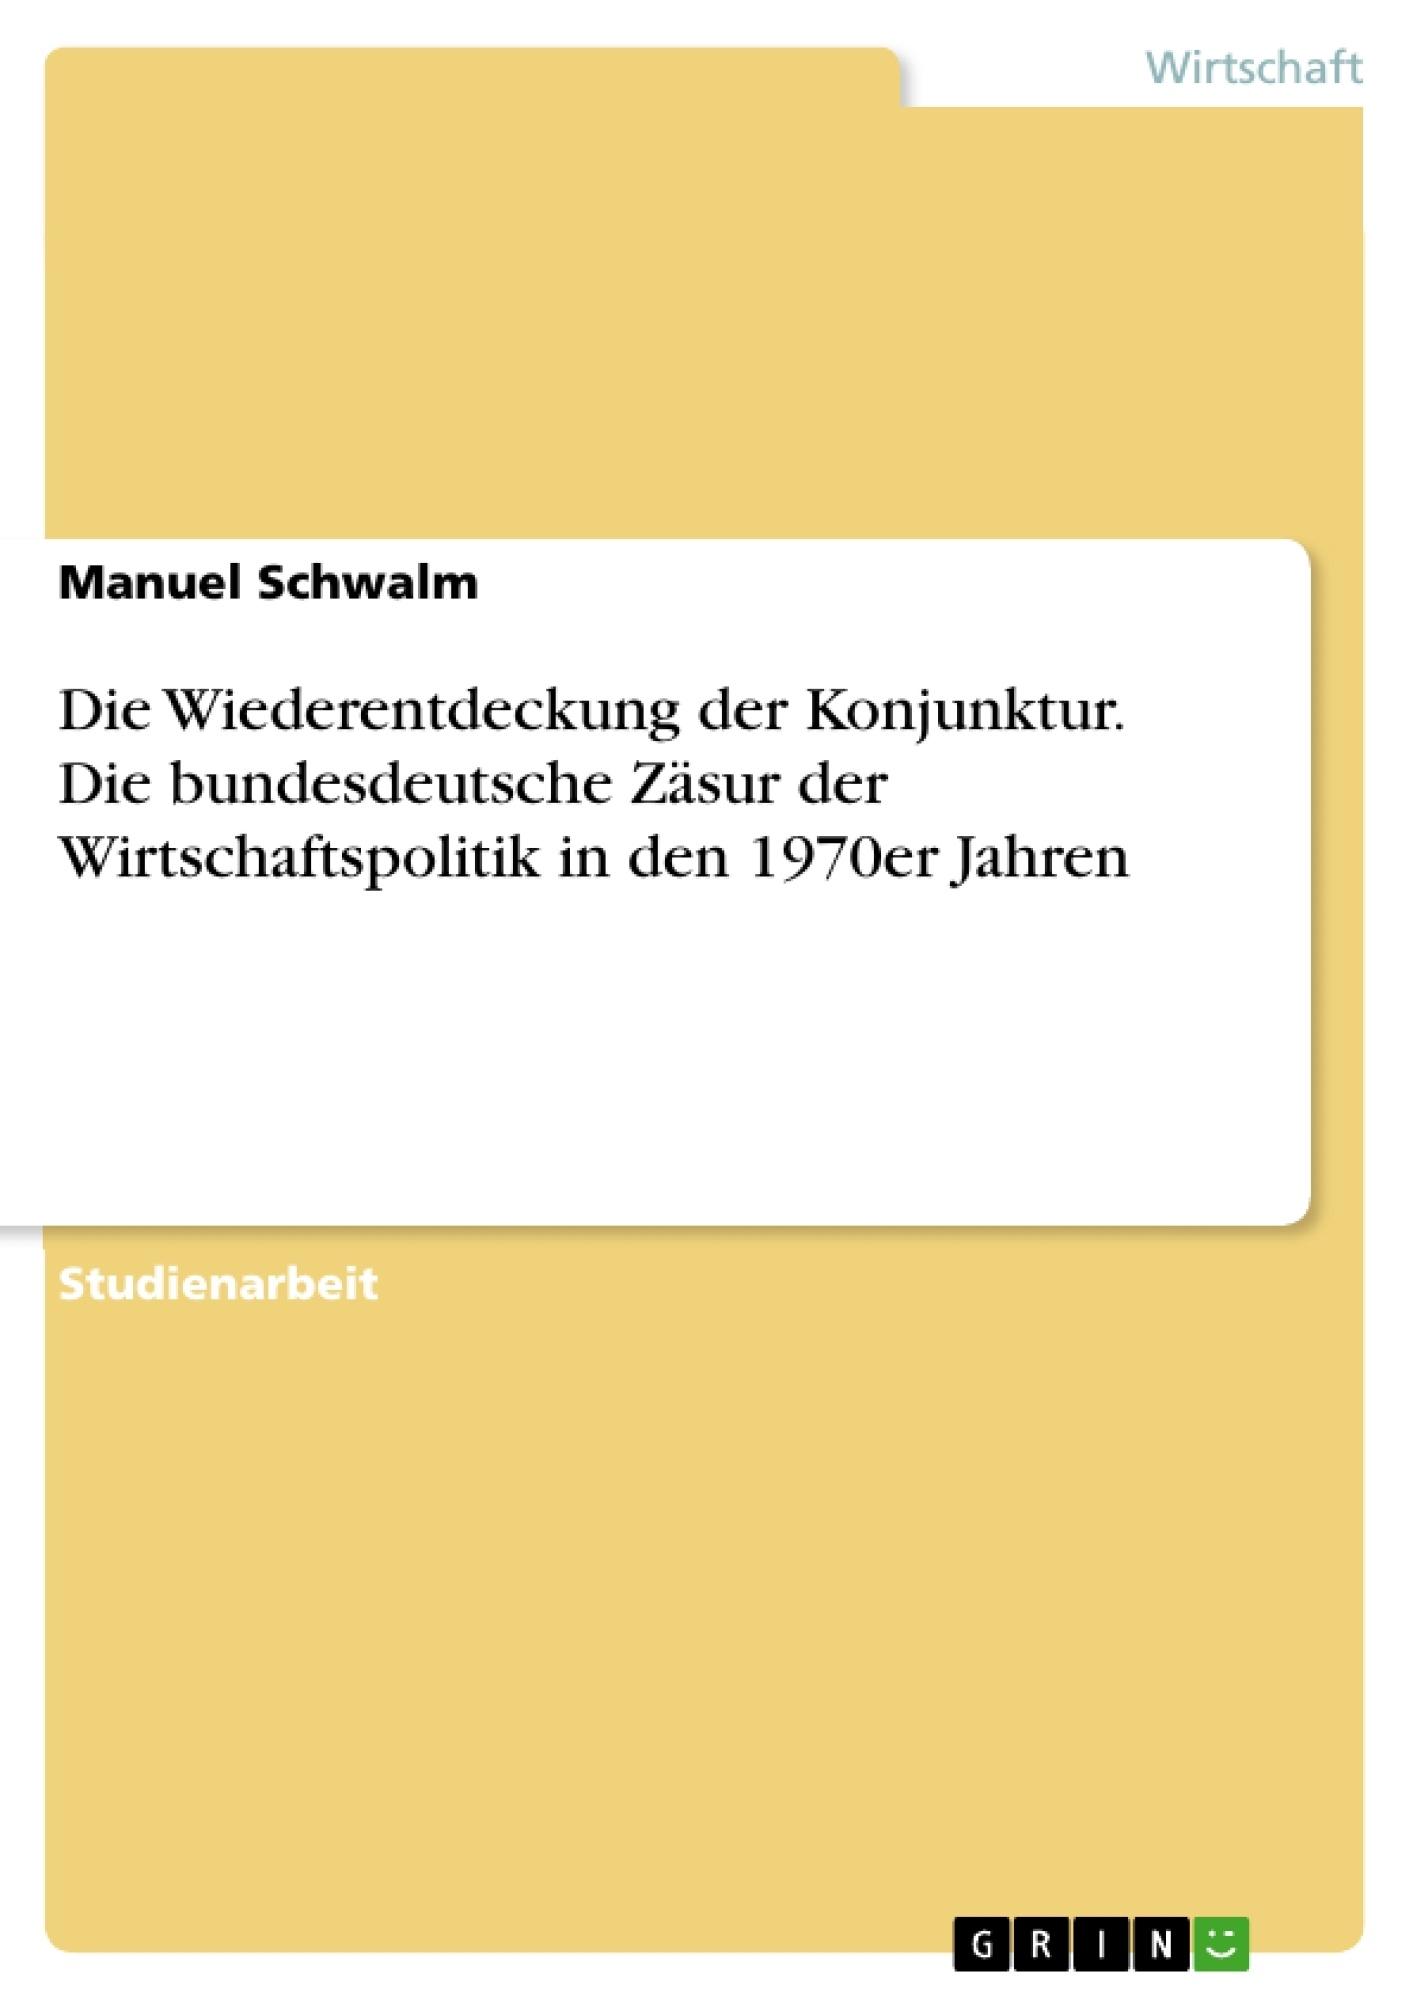 Titel: Die Wiederentdeckung der Konjunktur. Die bundesdeutsche Zäsur der Wirtschaftspolitik in den 1970er Jahren